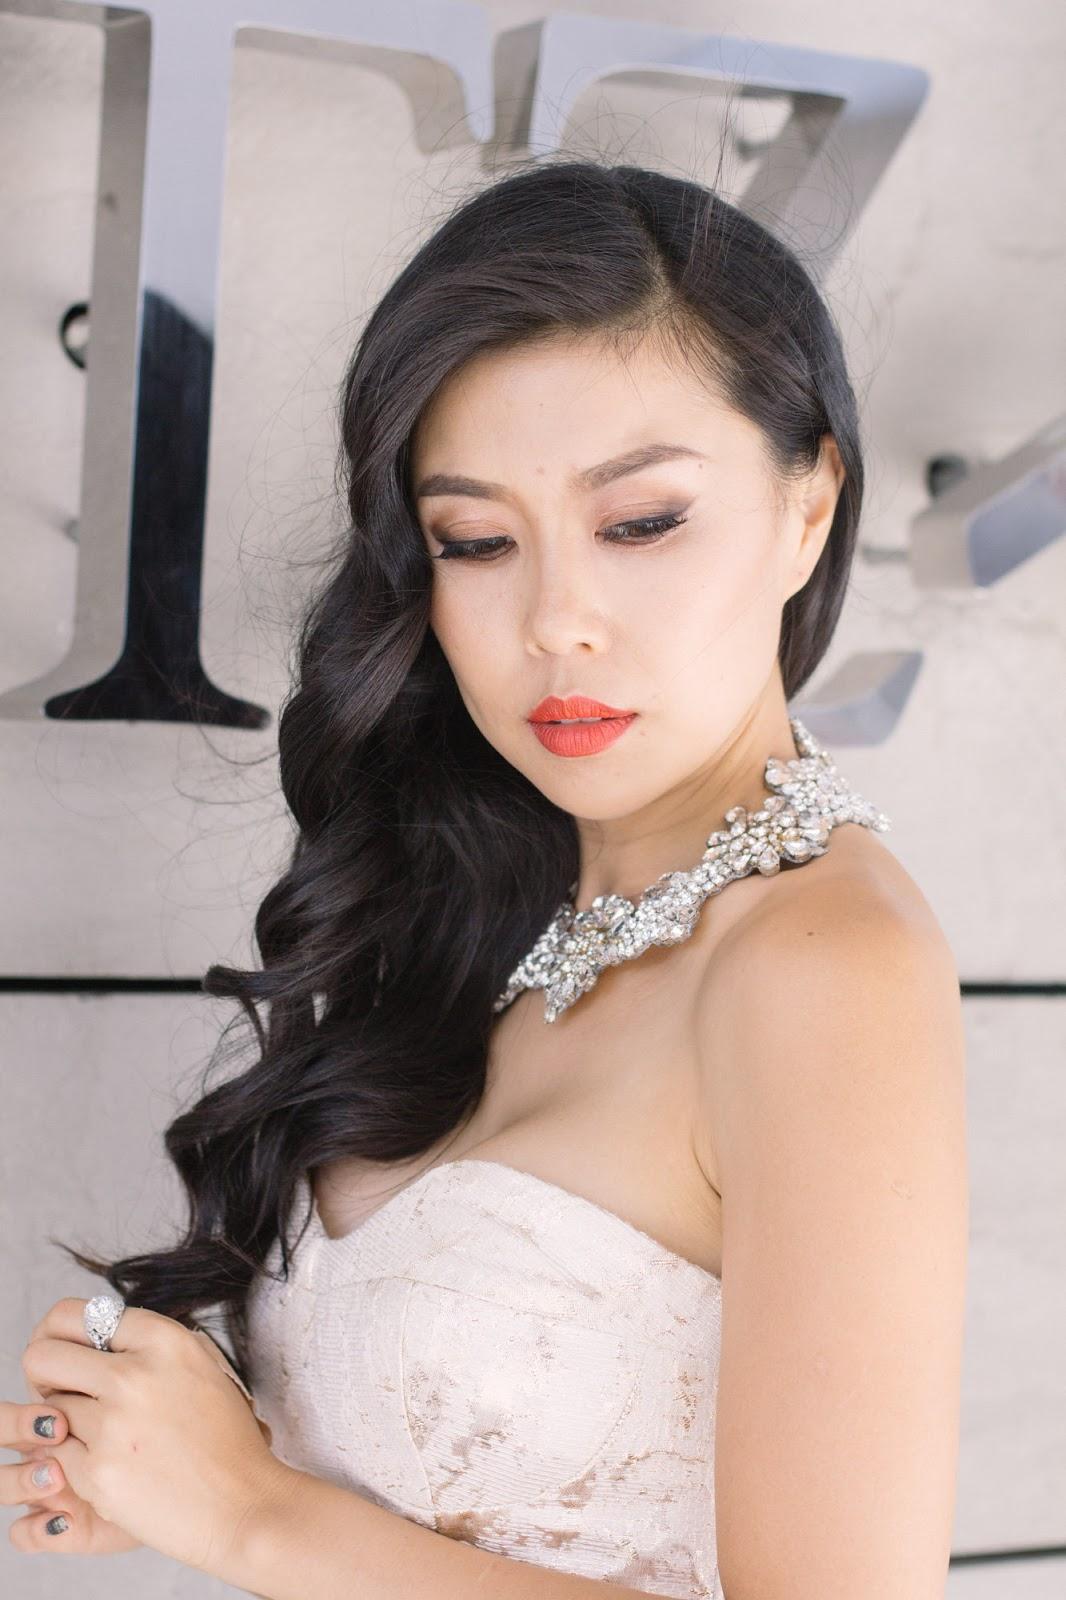 jessica rabbit beauty style inspiration jenny Wu